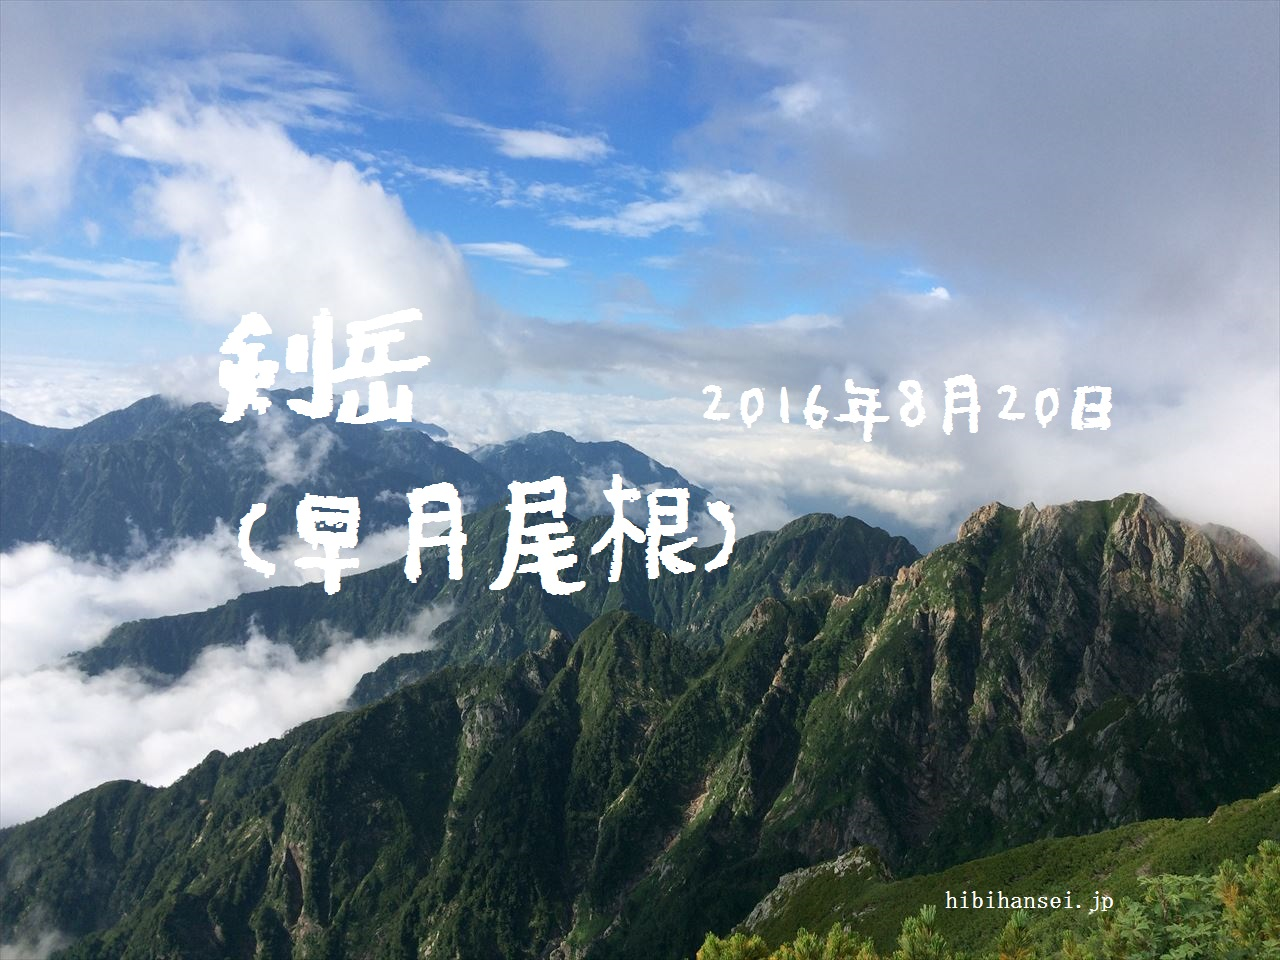 剱岳 登山(早月尾根) 勇気をもって試練に挑む 日本でいちばん遠い峰 テント泊登山(2016.8.20)